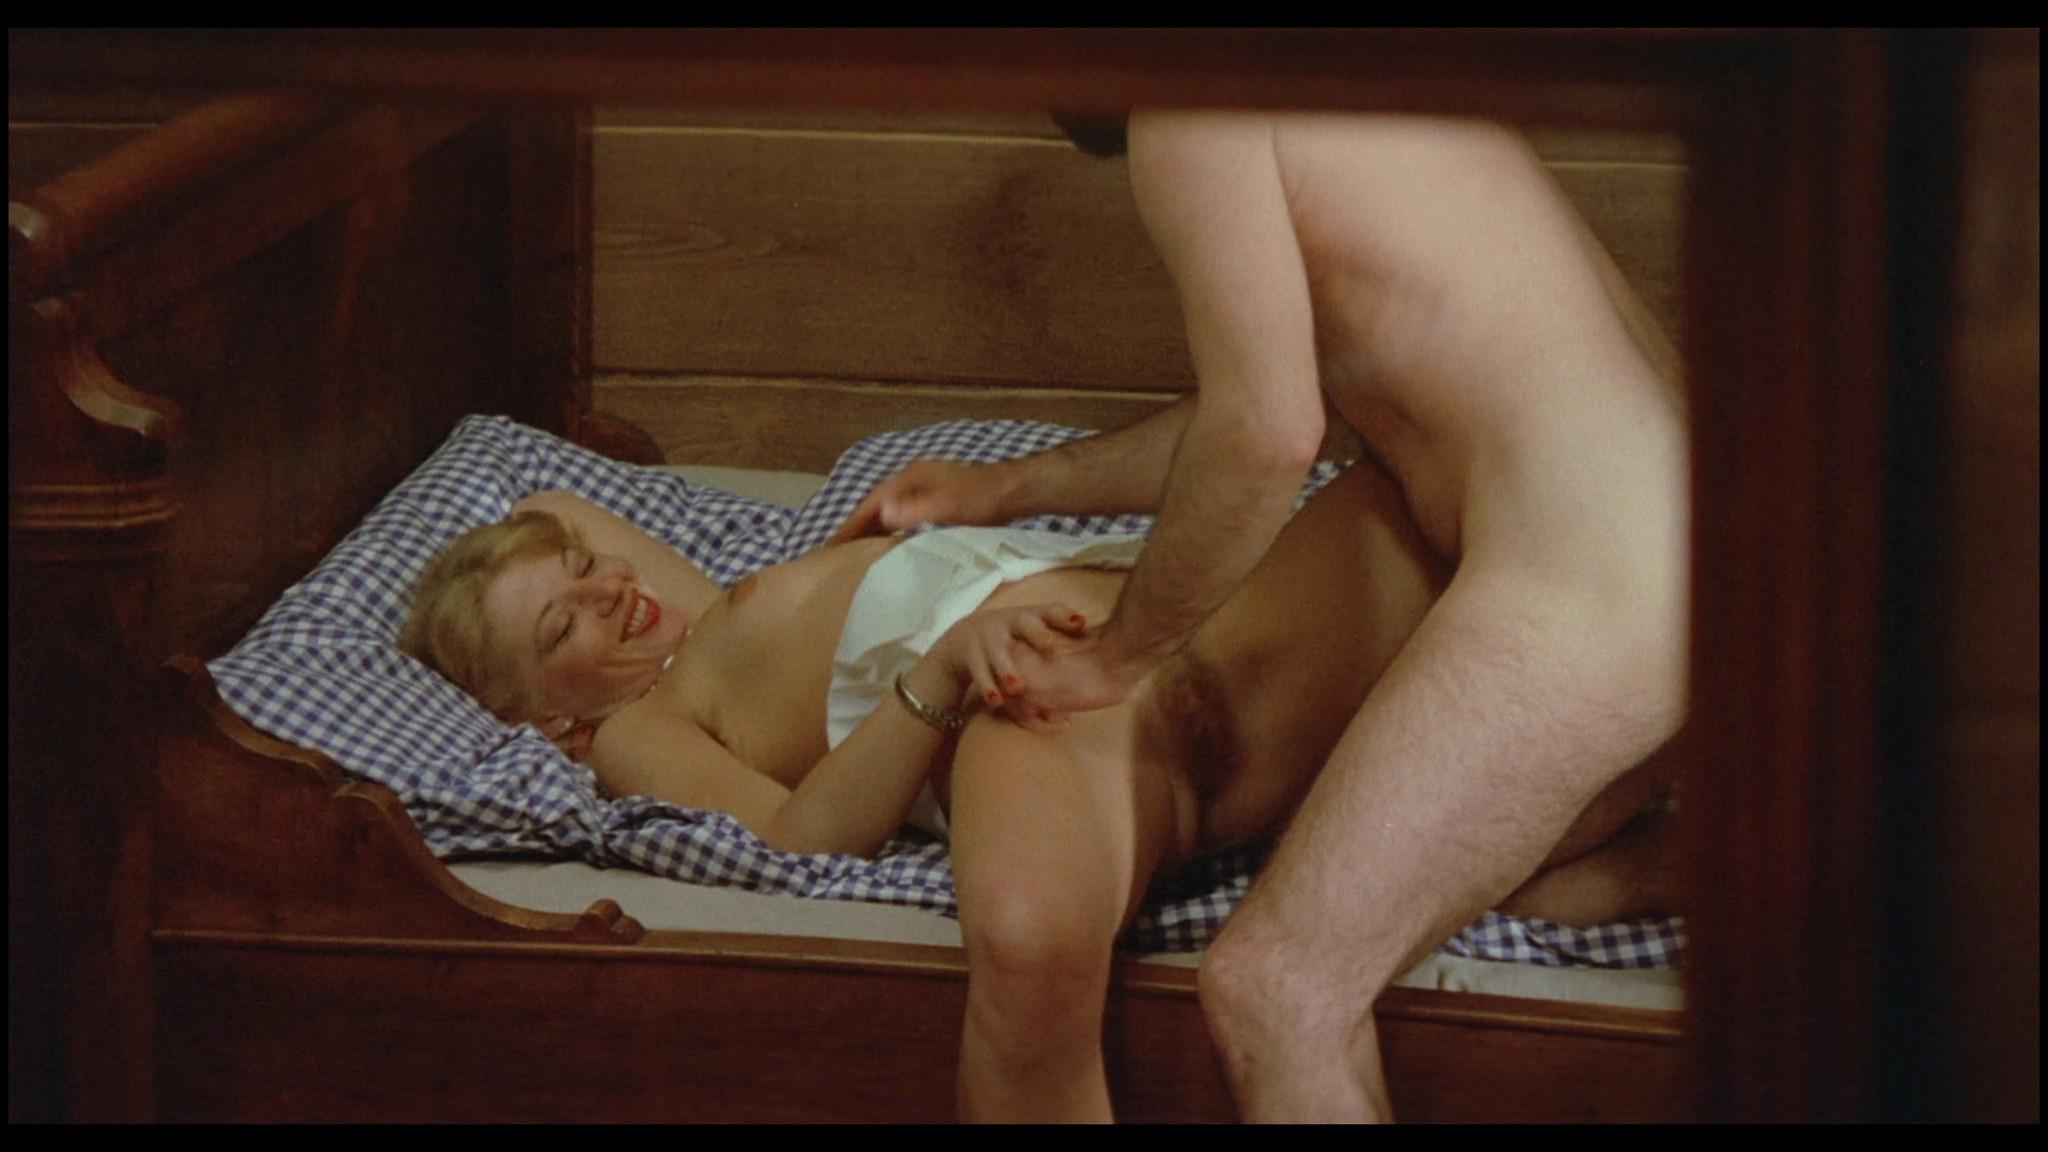 Marianne Aubert Michaela Larsen etc nude explicit sex Sechs Schwedinnen auf der Alm 1983 1080p BluRay 11